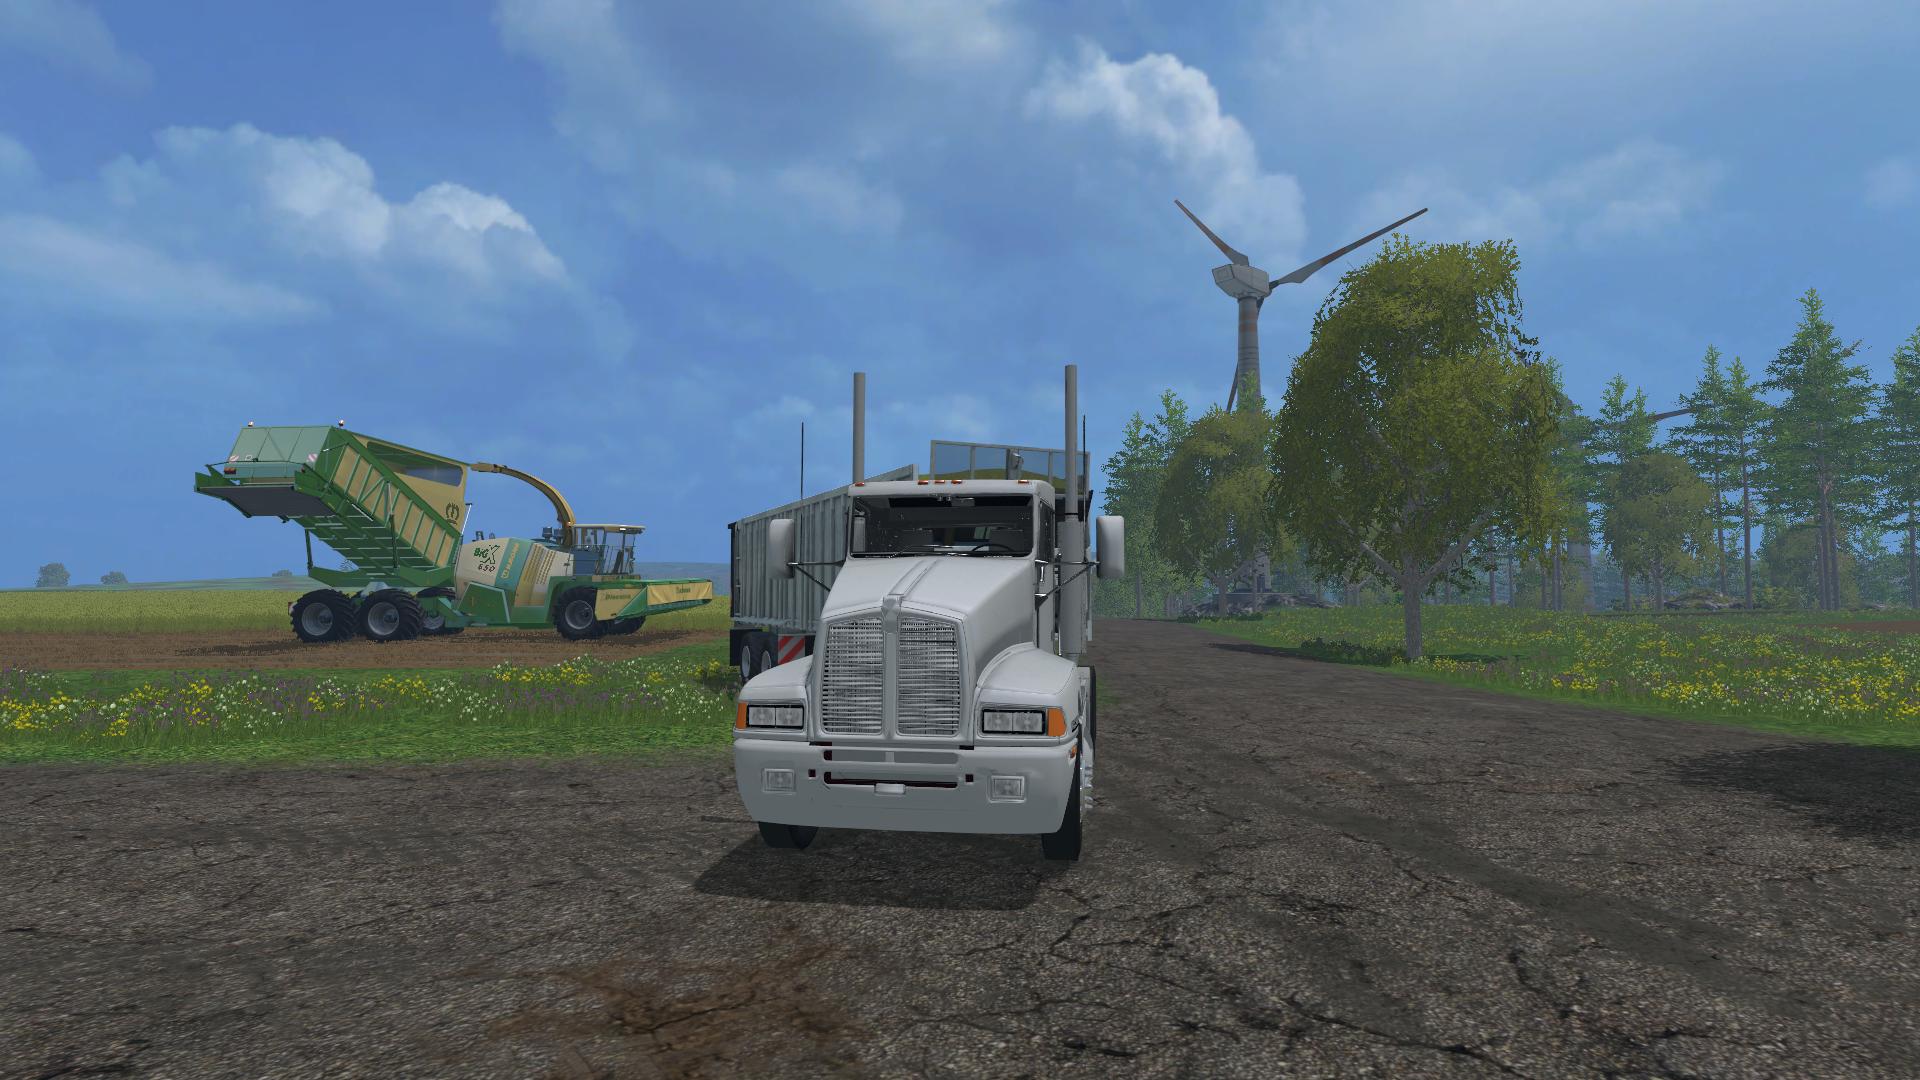 Большому комбайну большие просторы! - Farming Simulator 15 Farming Simulator 15